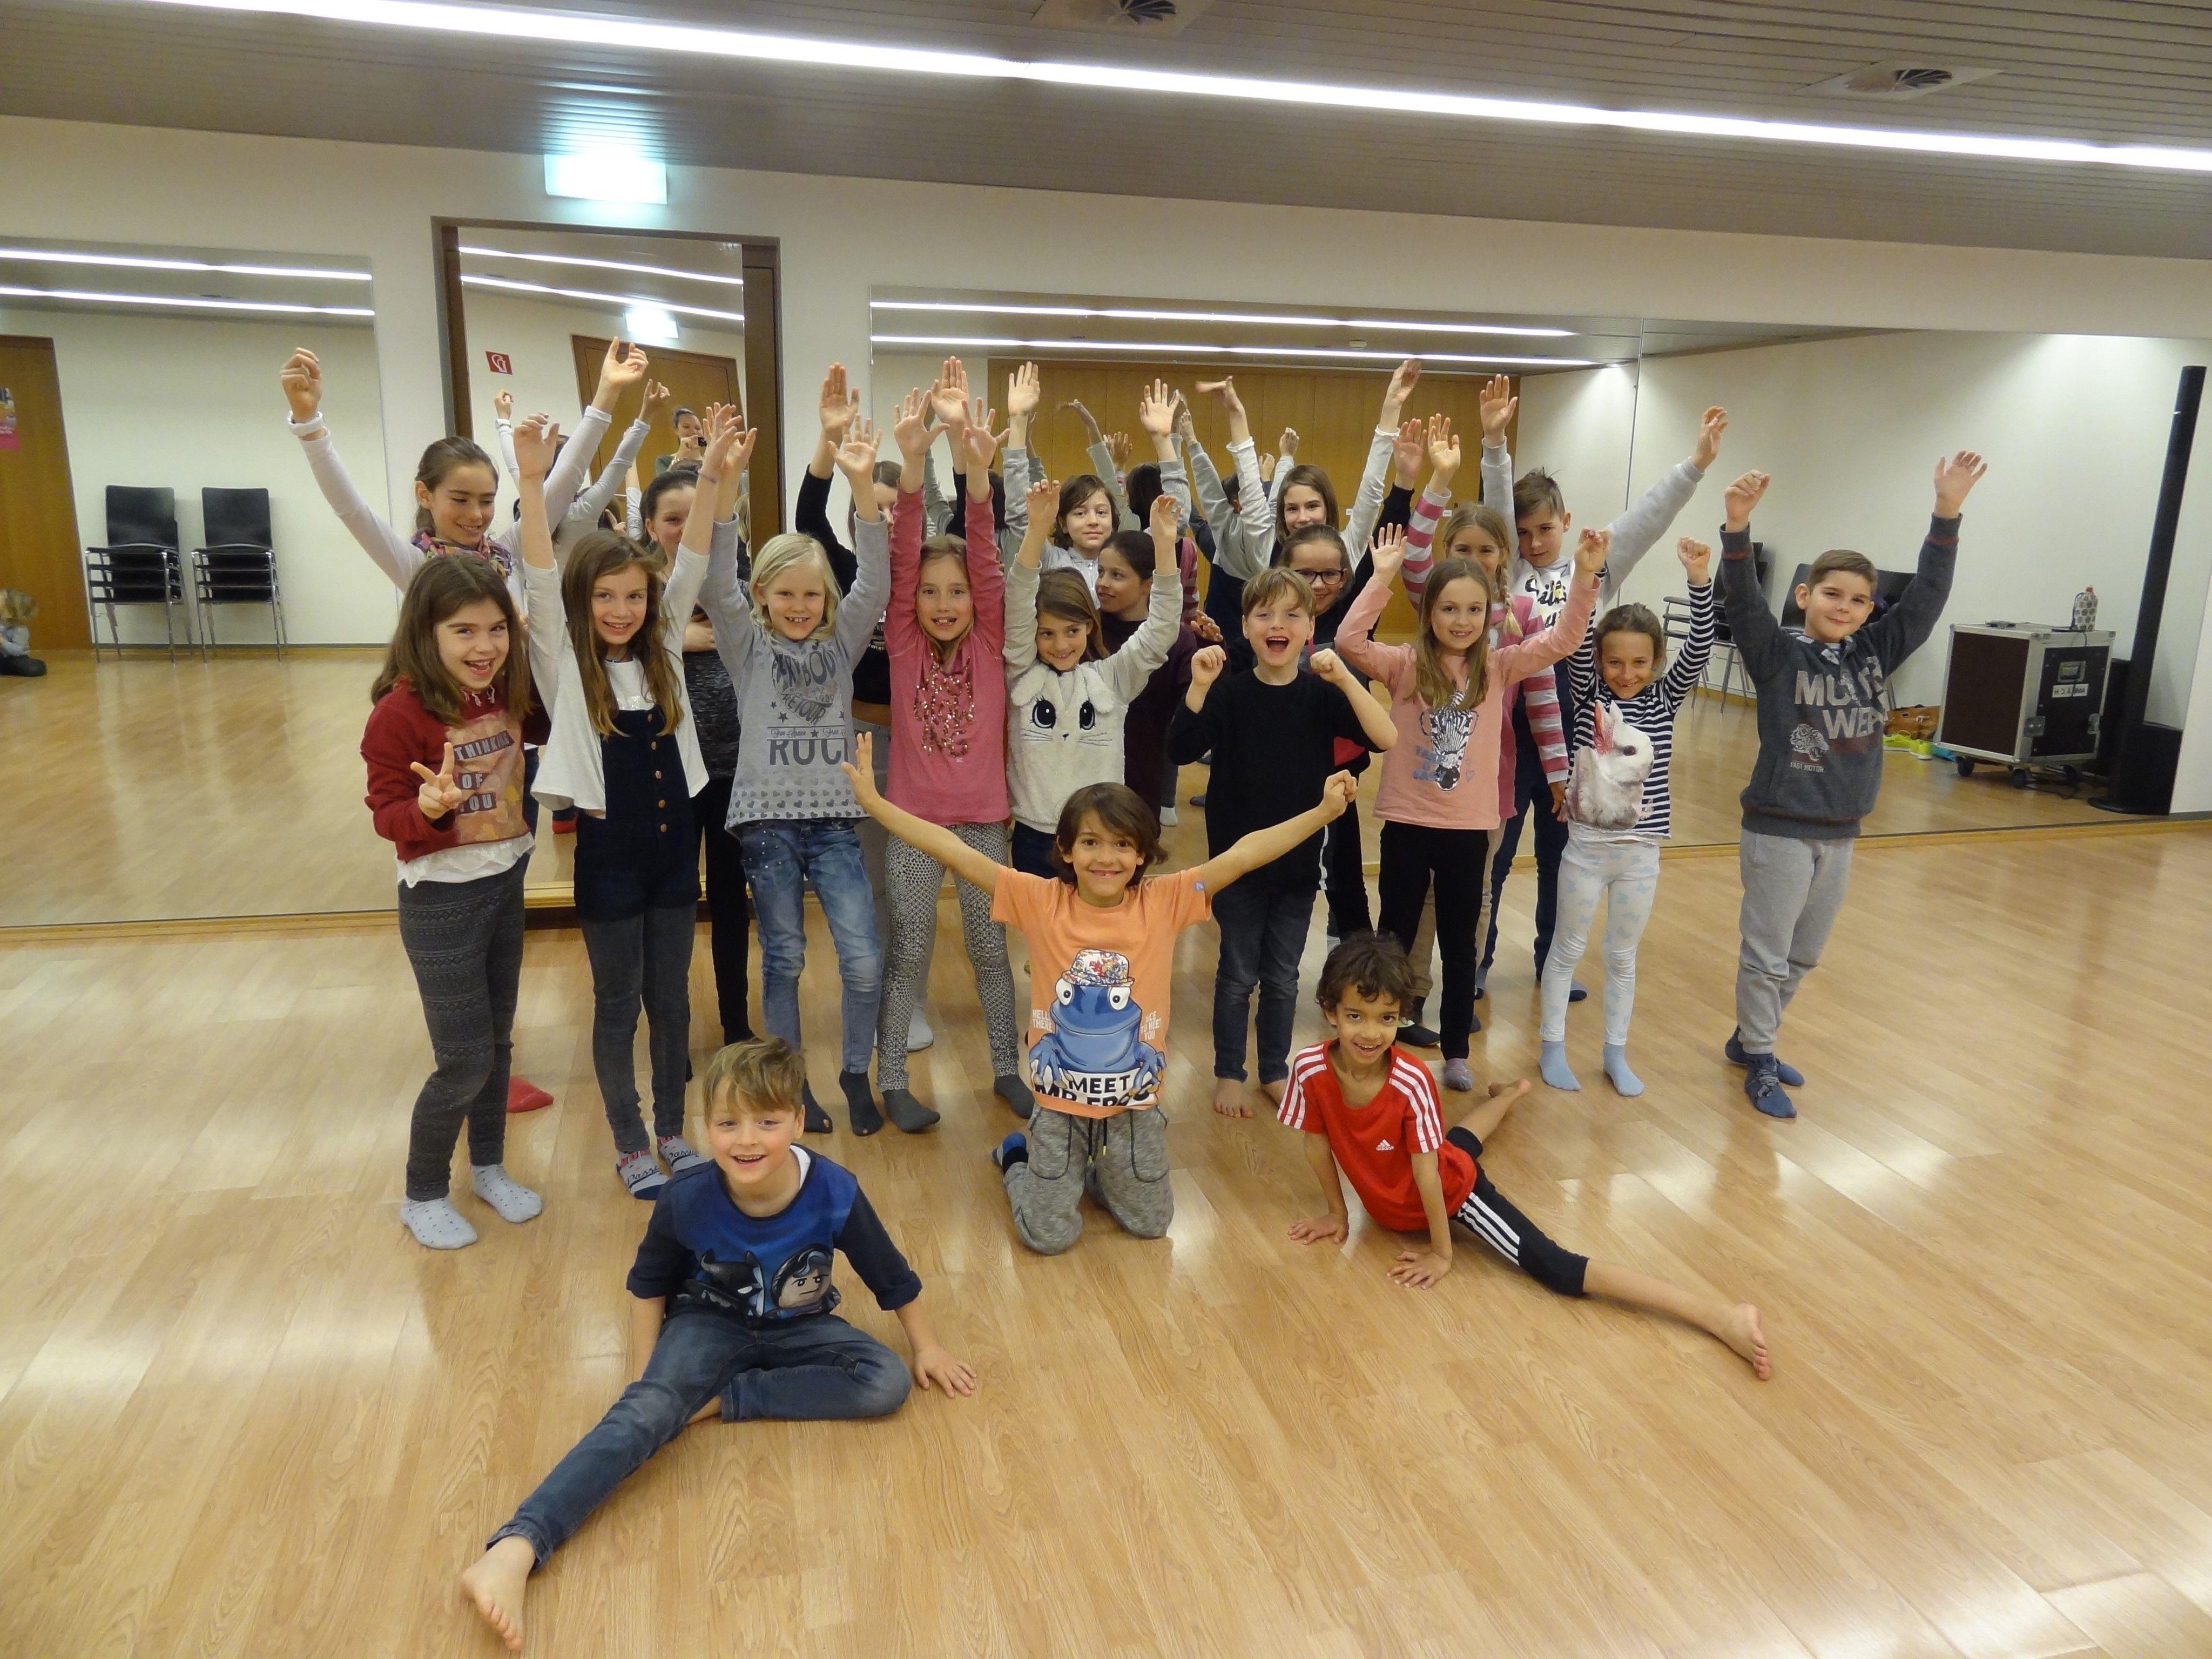 Über 20 Kinder nahmen am ersten MIni-WAMCO Training in Götzis teil...